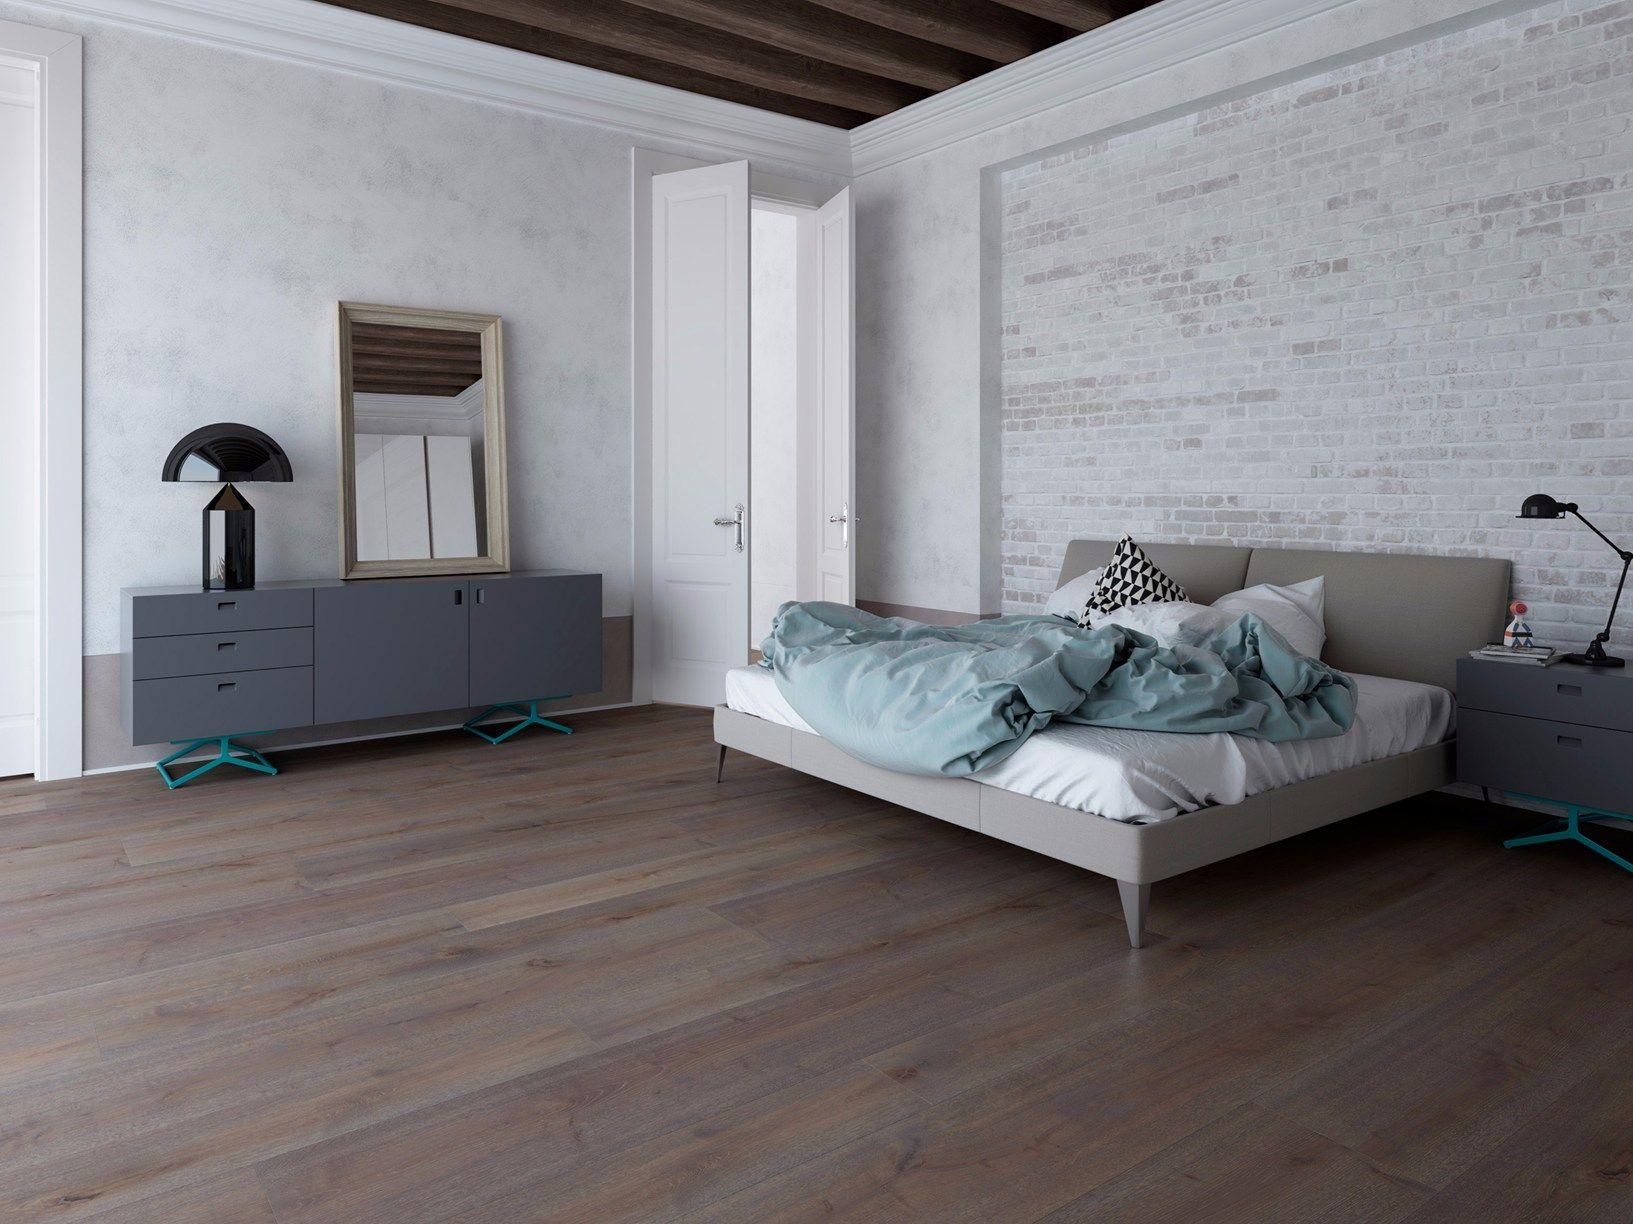 Camera da letto d 39 ispirazione industrial chic - Pavimenti camere da letto ...